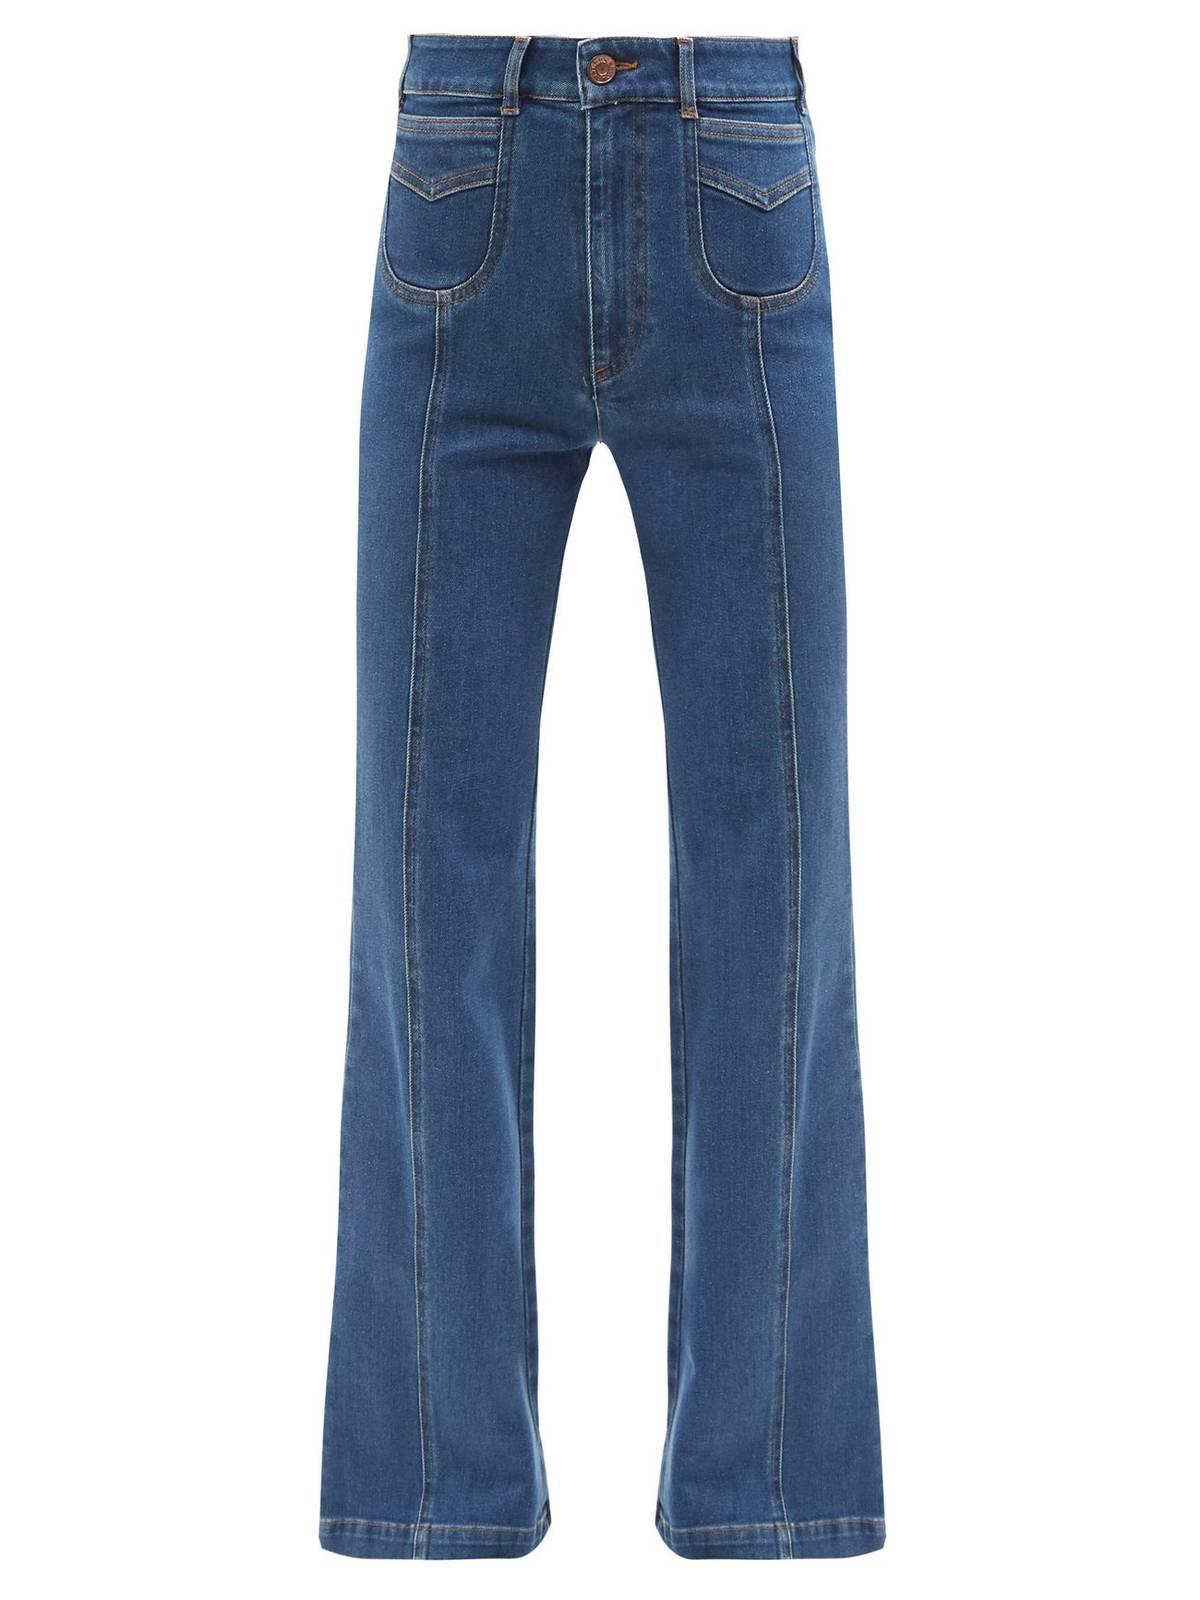 Какая модель джинсов вернулась в моду в 2021 году  - фото 4